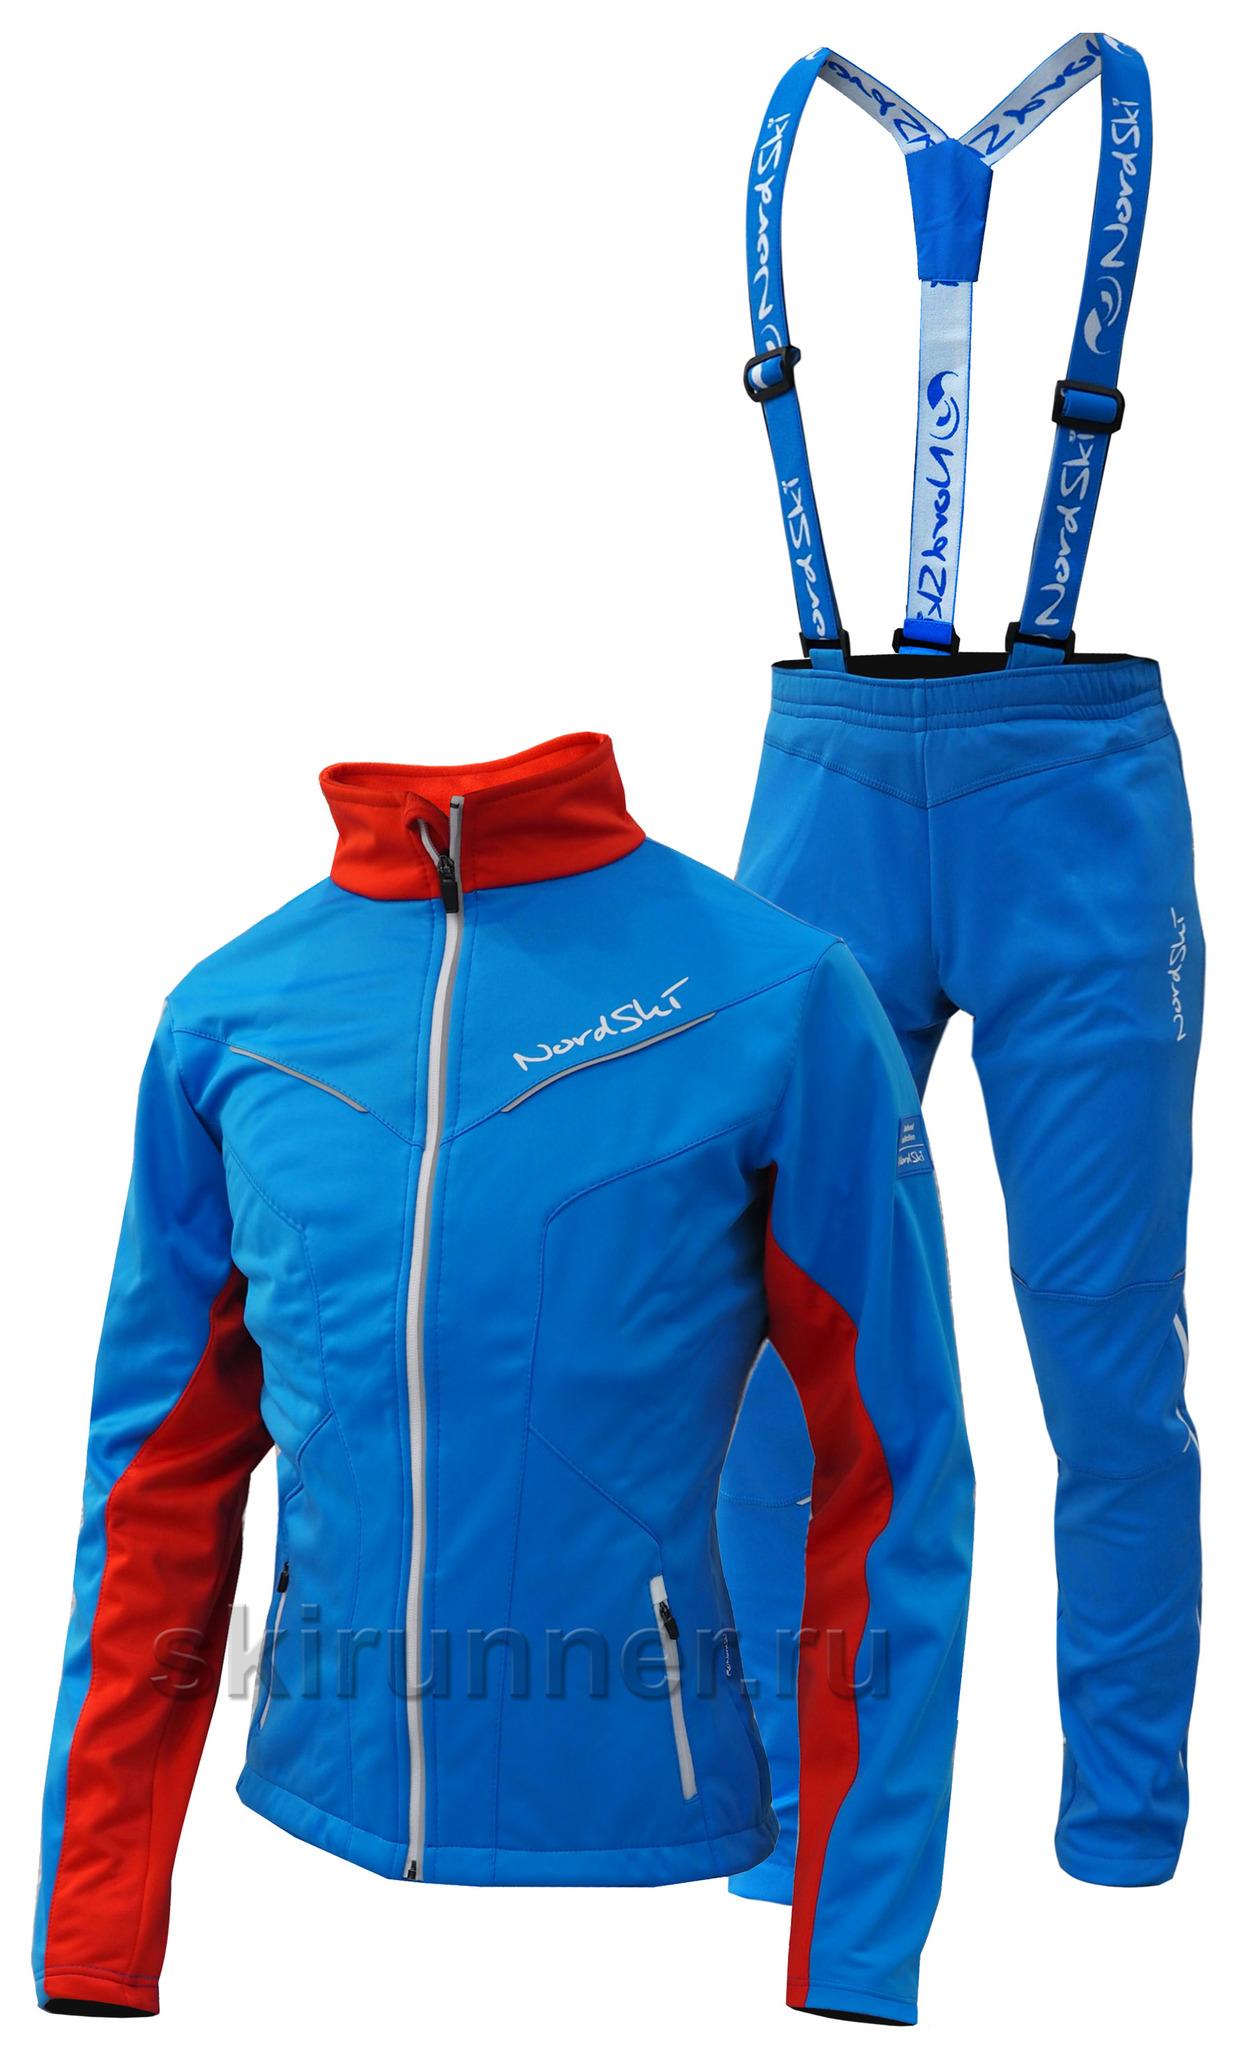 Костюм для лыжного спорта женский доставка